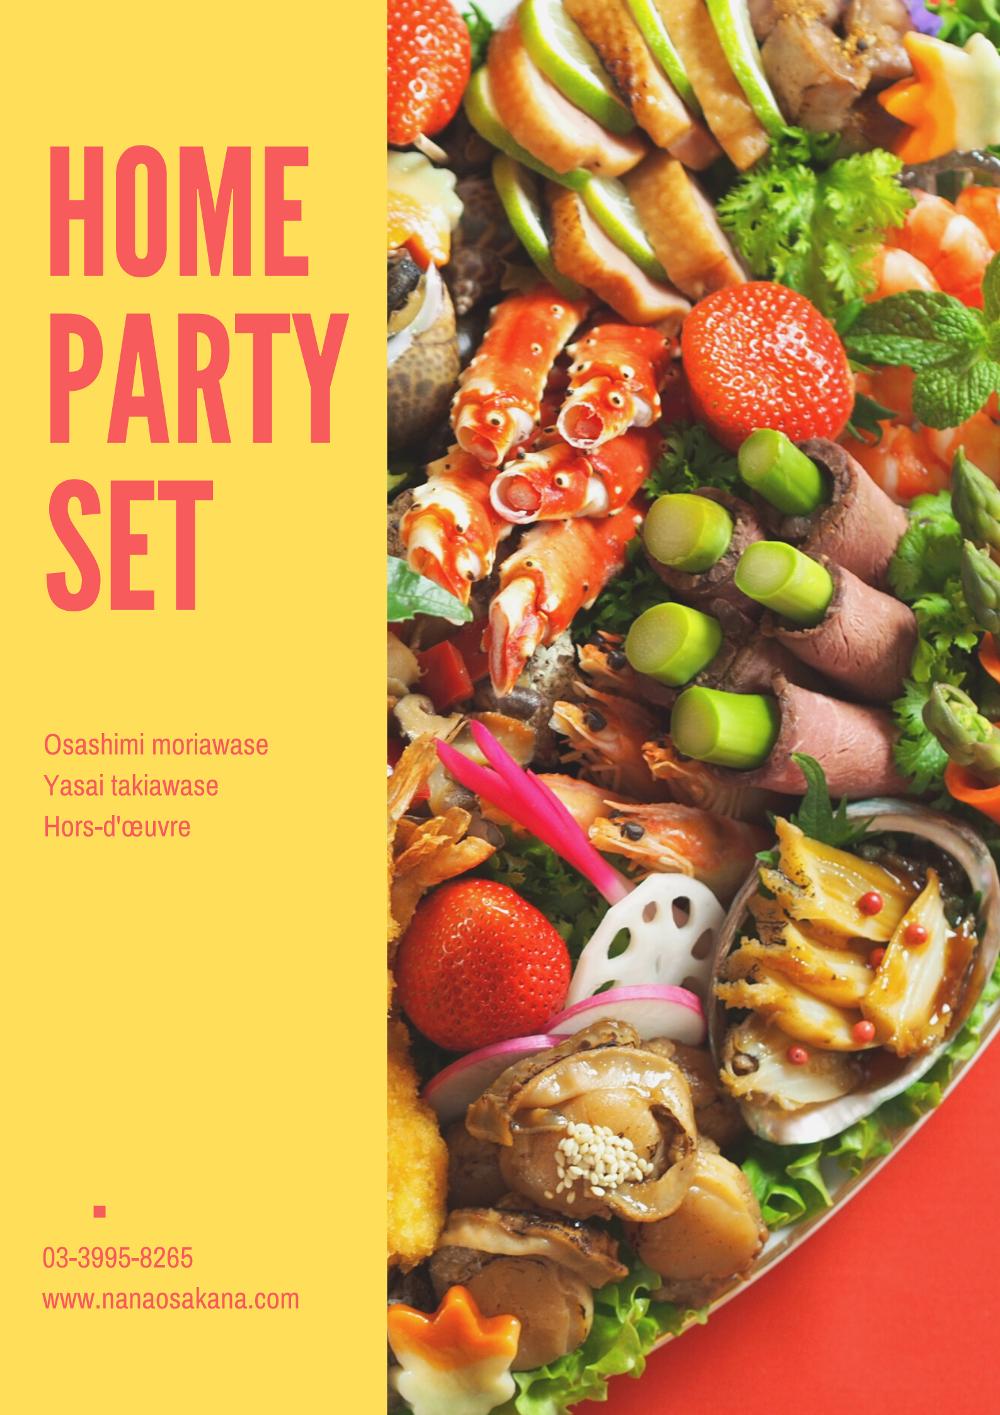 【おウチで楽しく】ホームパーティーセットの予約受付中!